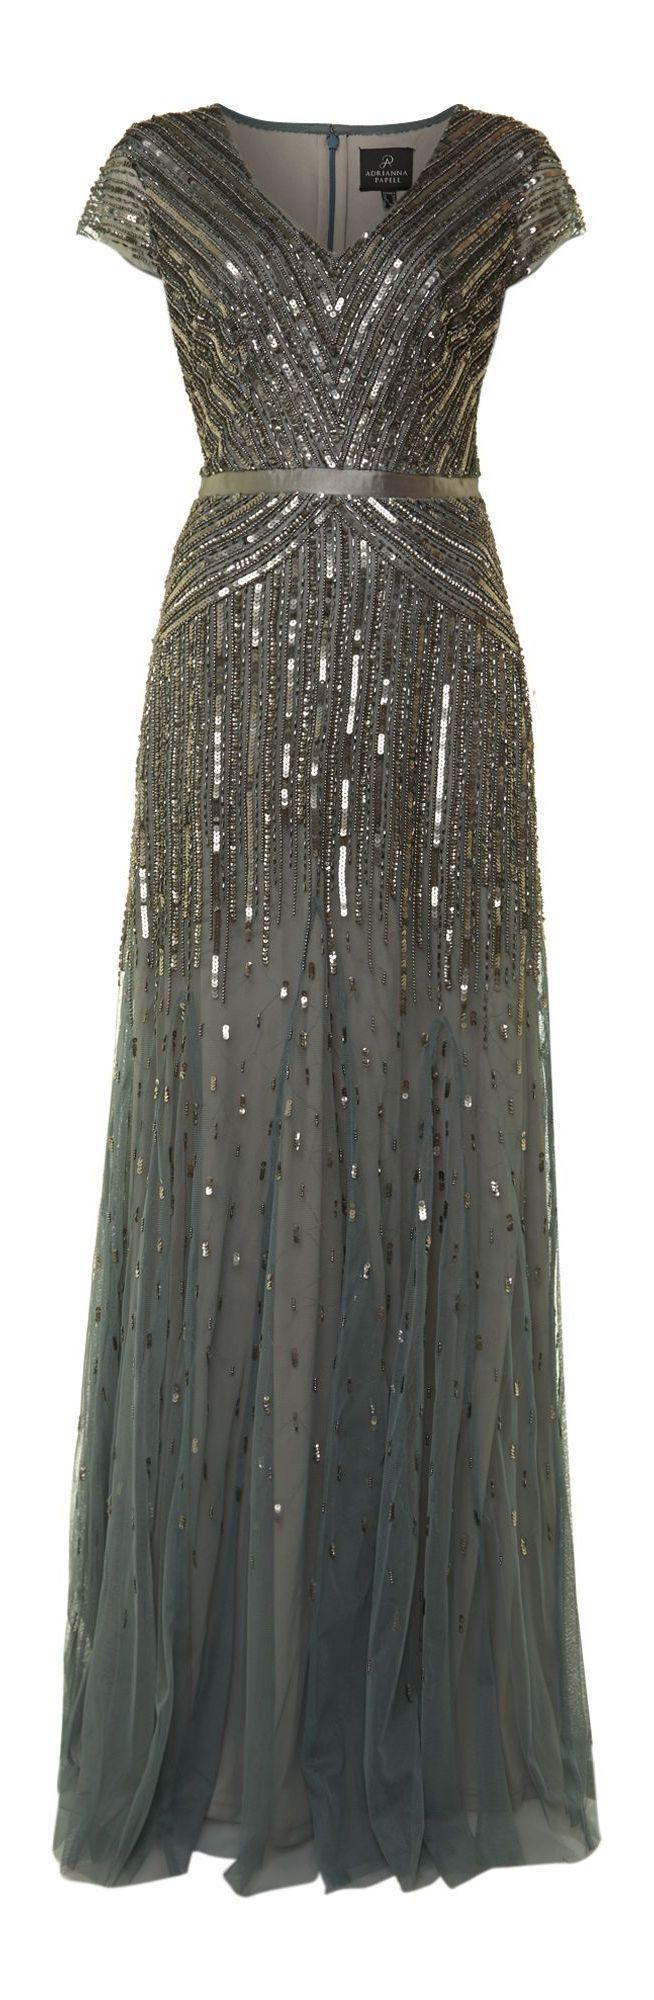 Adrianna Papell Gray Beaded Mesh Maxi Dress